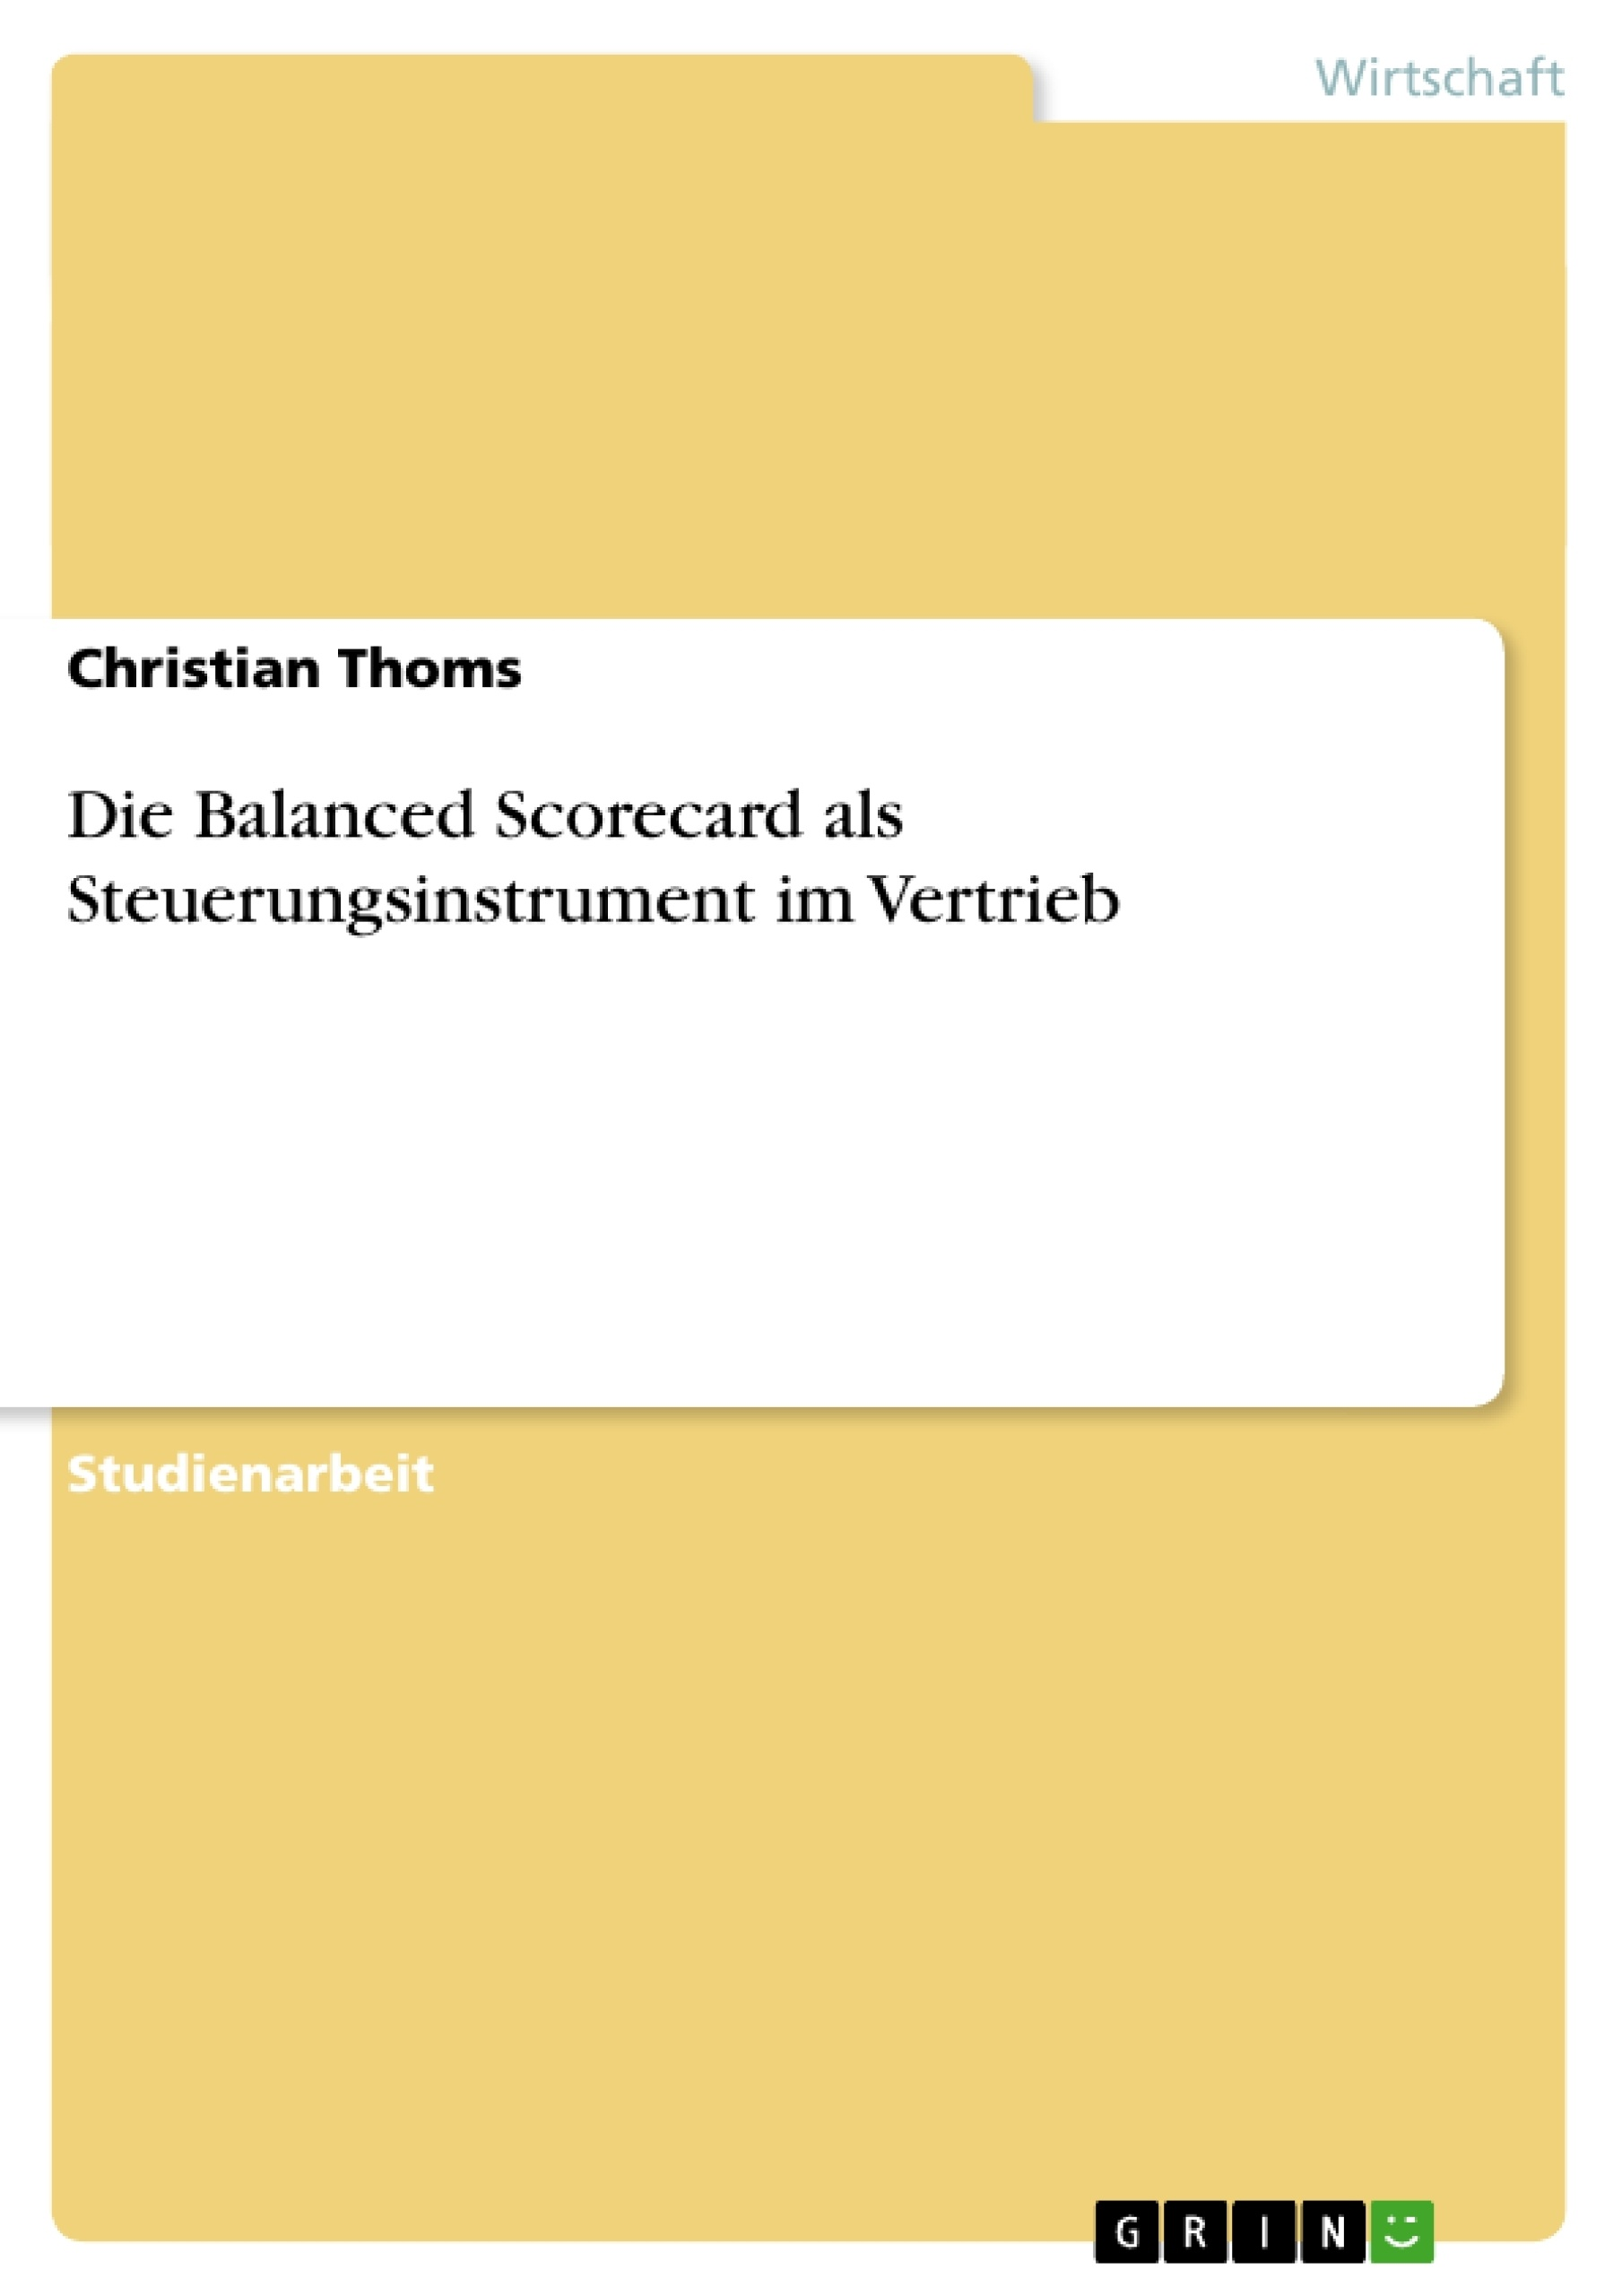 Titel: Die Balanced Scorecard als Steuerungsinstrument im Vertrieb